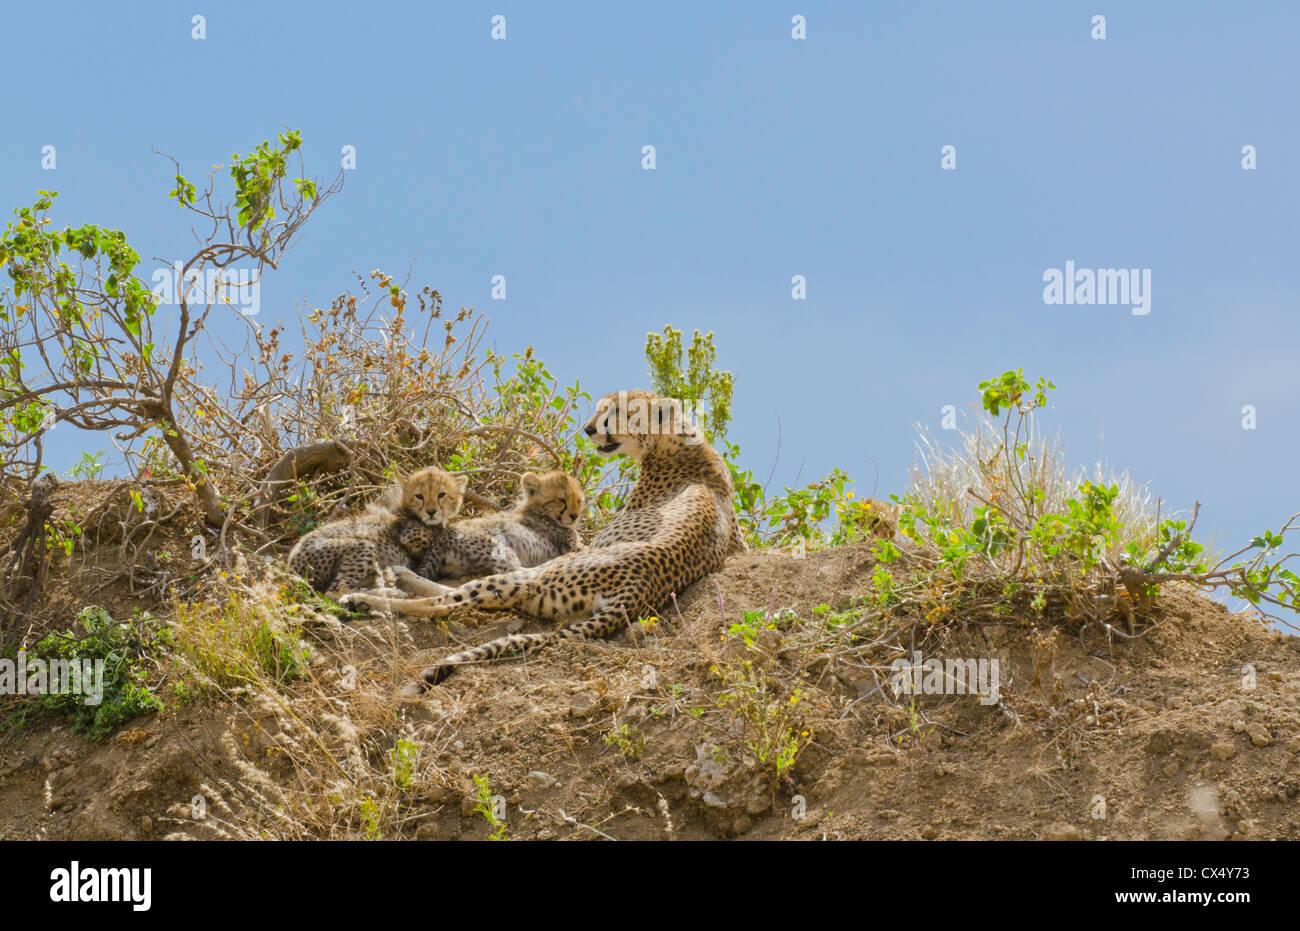 Amboseli National Park Kenya Africa safari female cheetah and cubs wild in reserve Amboseli  - Stock Image